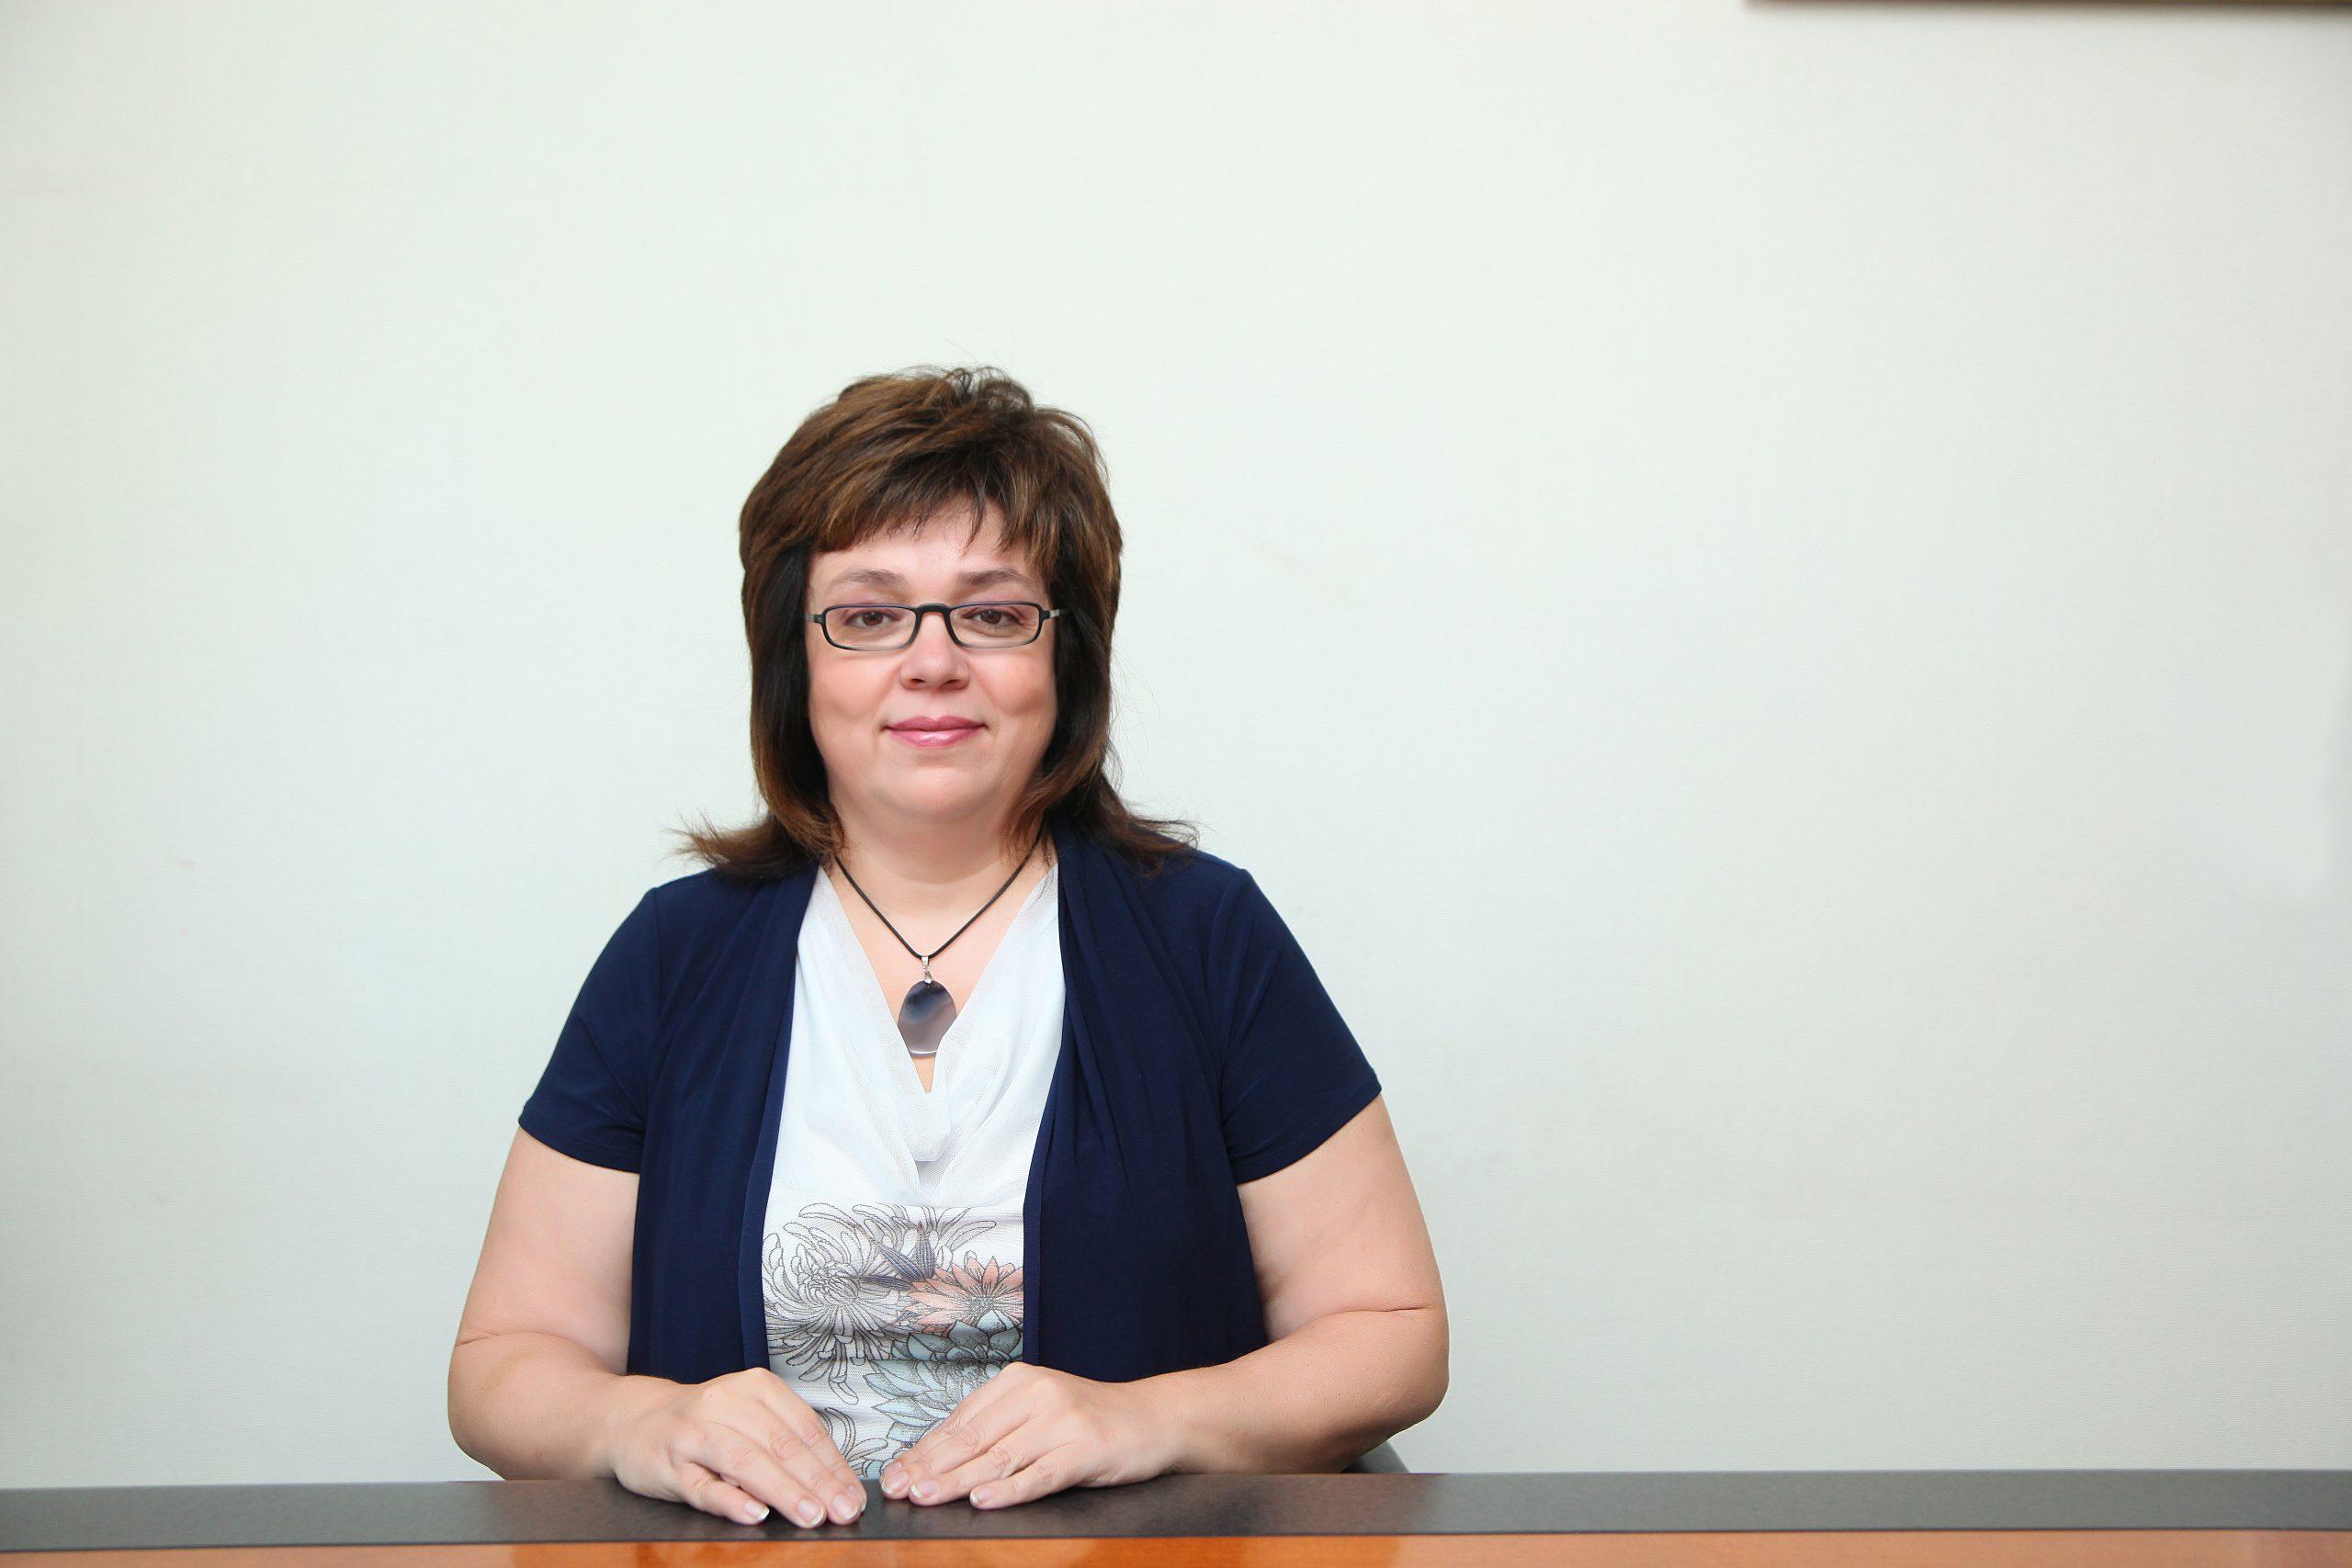 Провідна європейська асоціація «Аутизм Європа» обрала свого представника в Україні